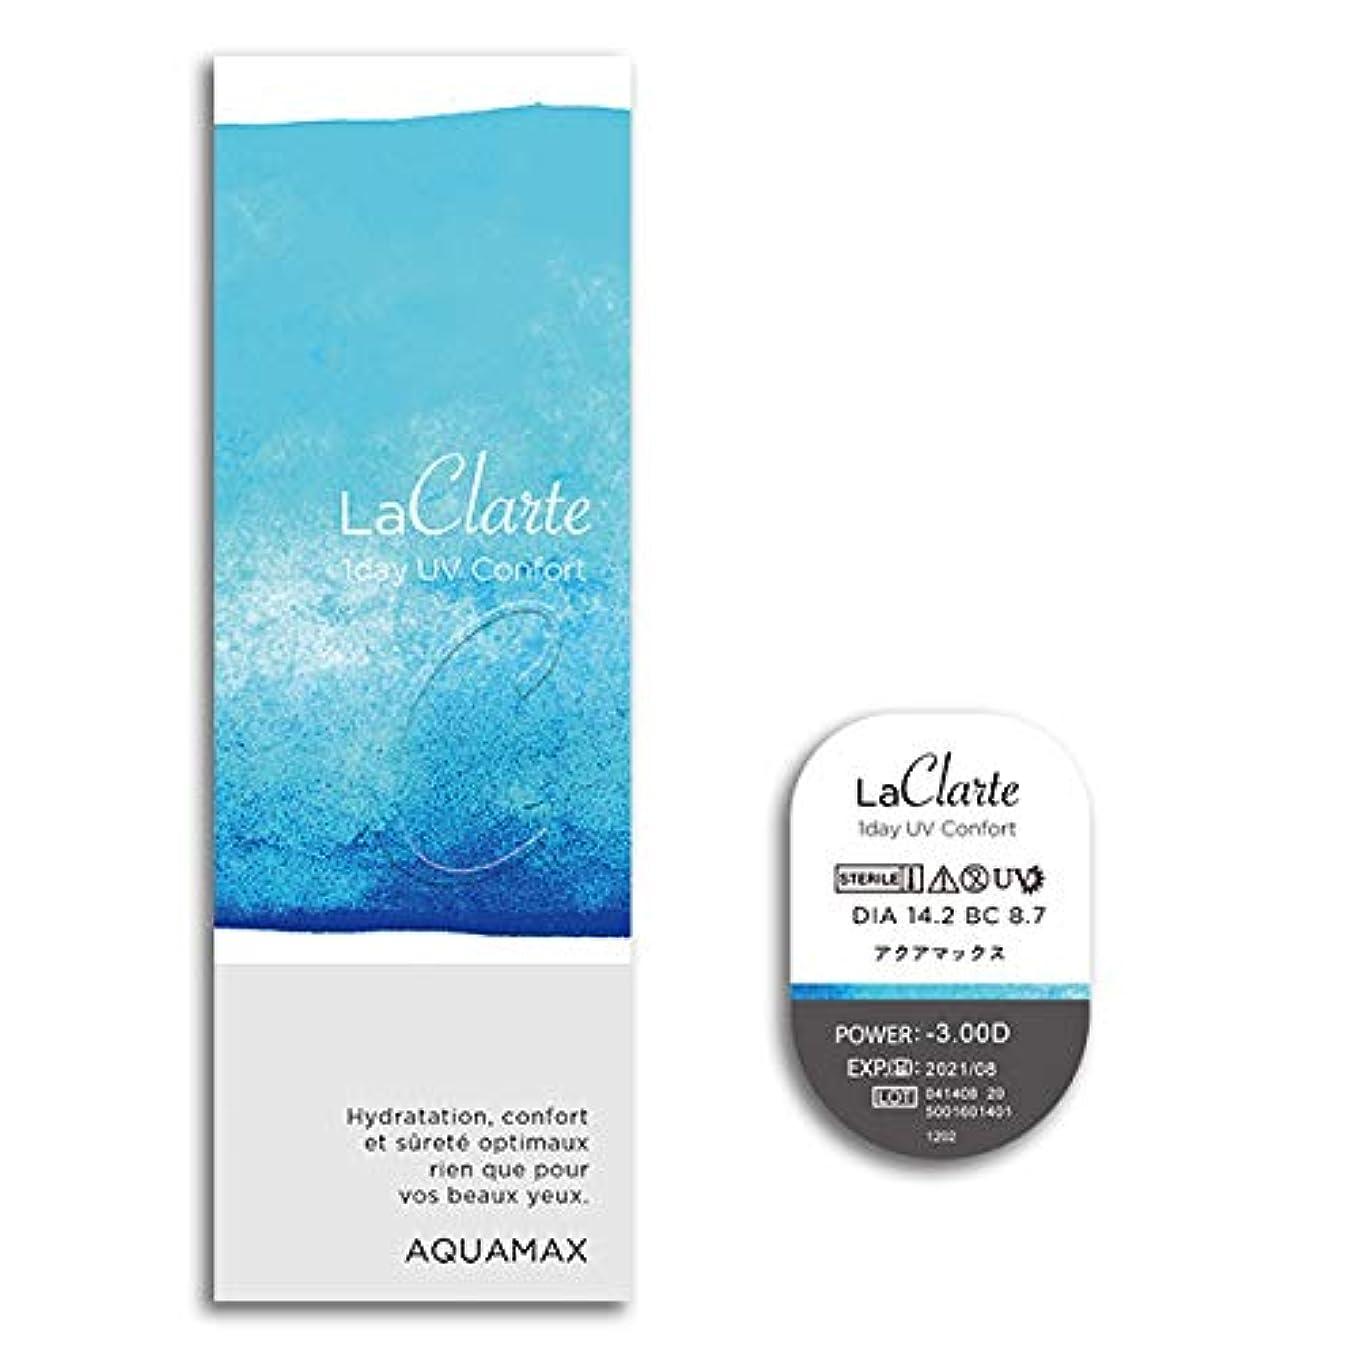 アイザックプランテーションエレガントLaClarte 1day UV Confort (ラクラルテ ワンデーUV コンフォルト) 30枚入 2箱 【BC】8.7 【PWR】-9.50